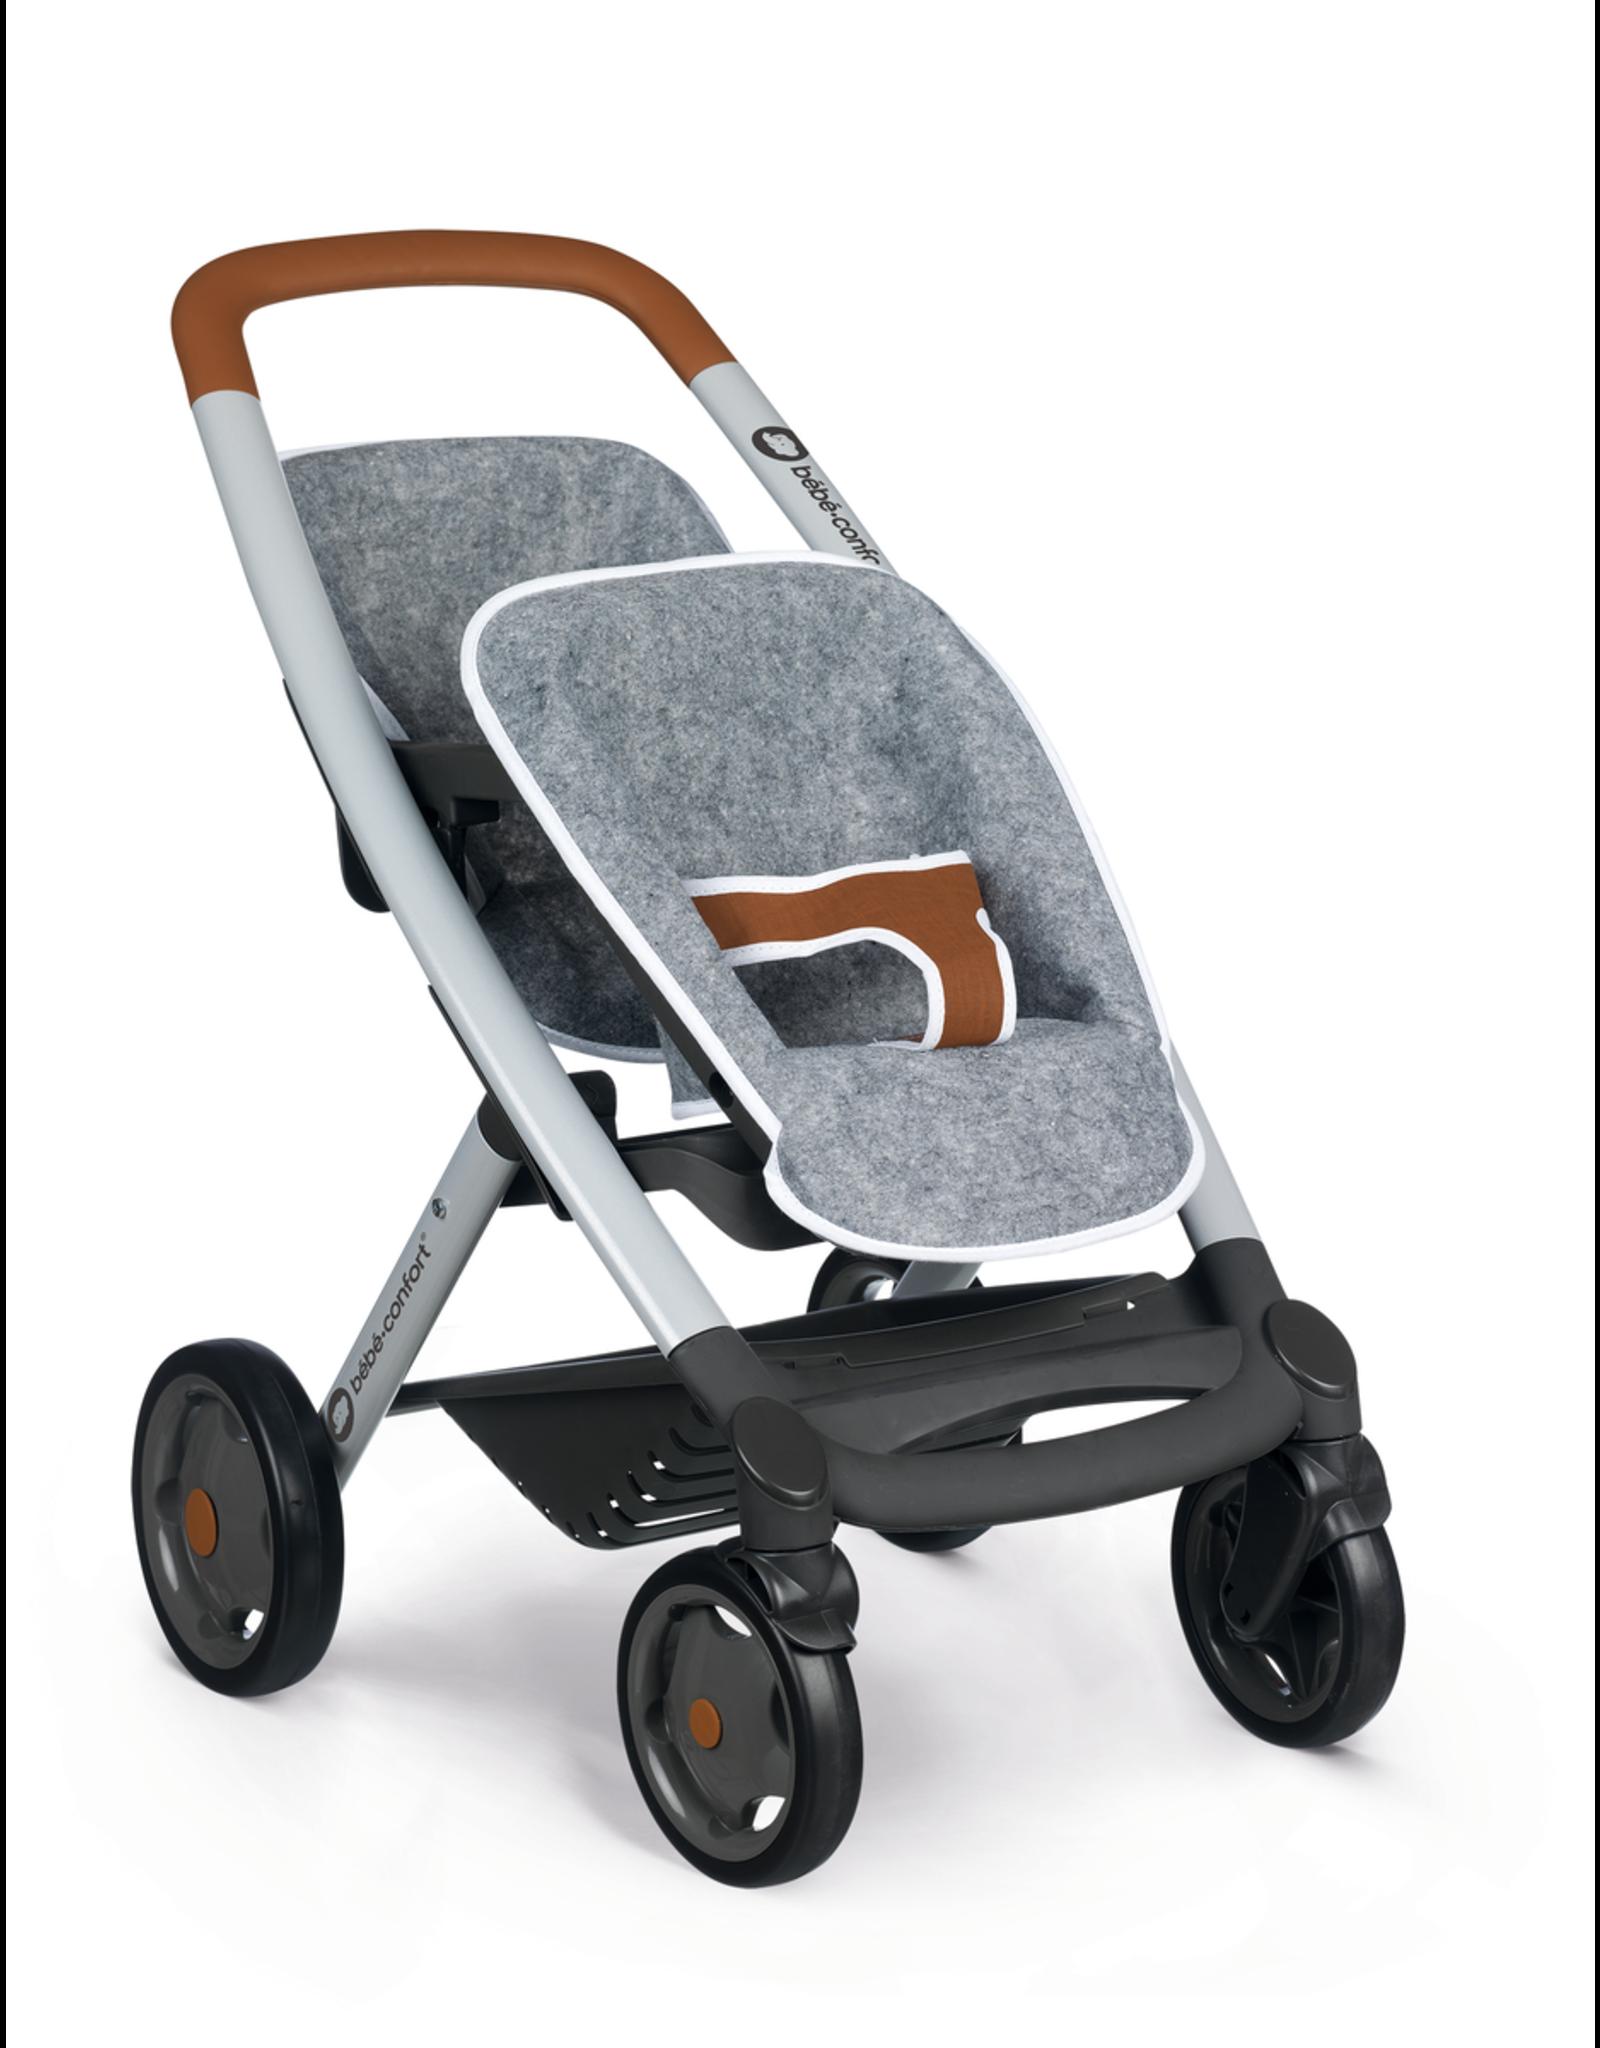 Smoby Smoby BB-Confort Tweeling kinderwagen grijs